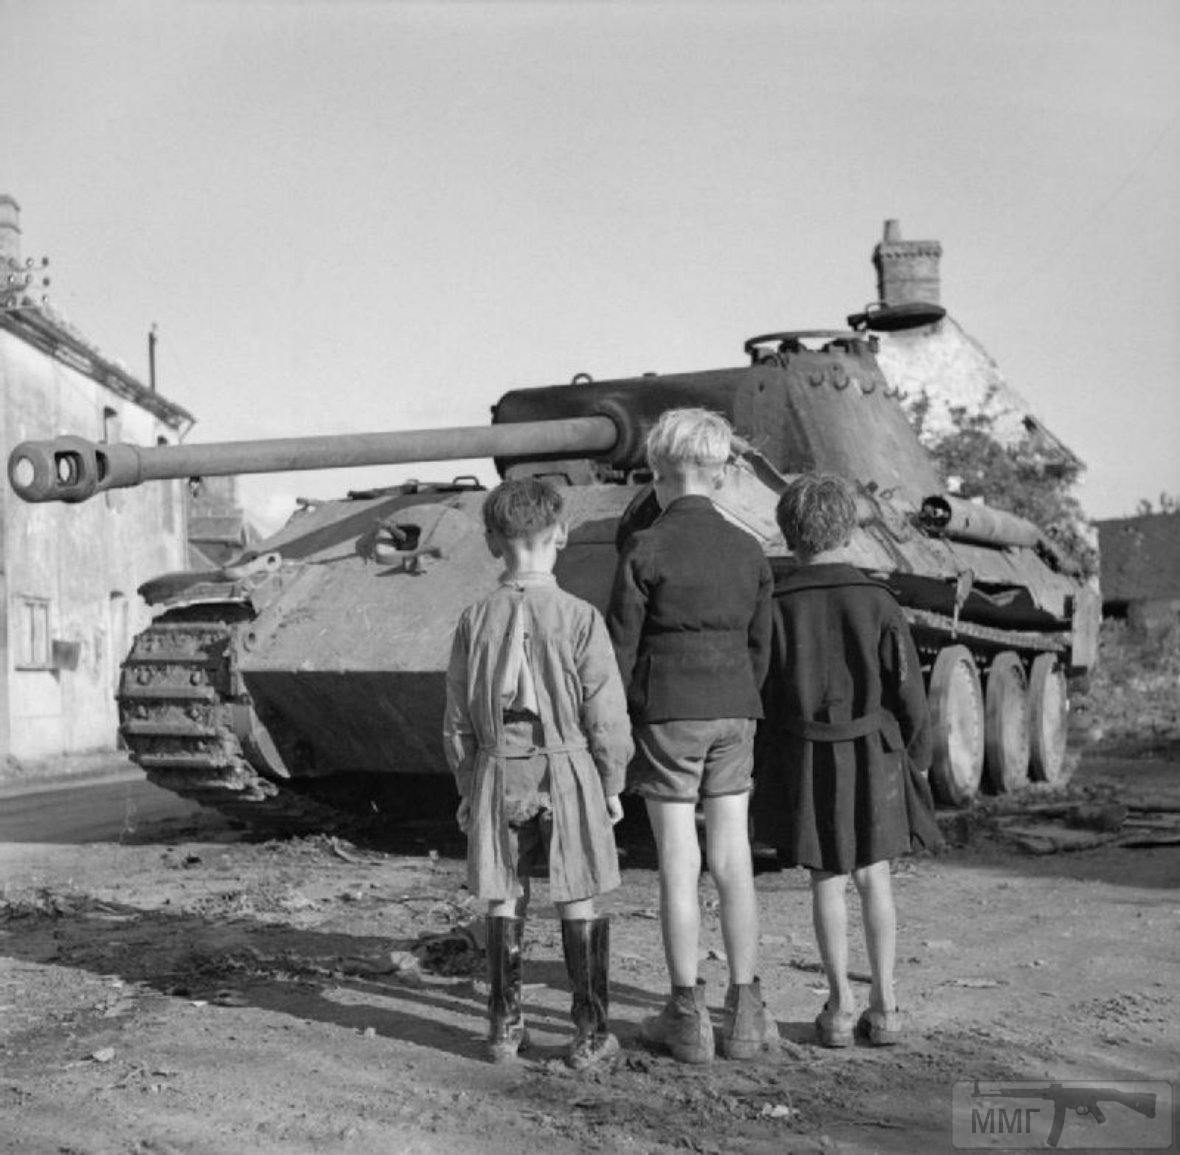 41394 - Военное фото 1941-1945 г.г. Восточный фронт.